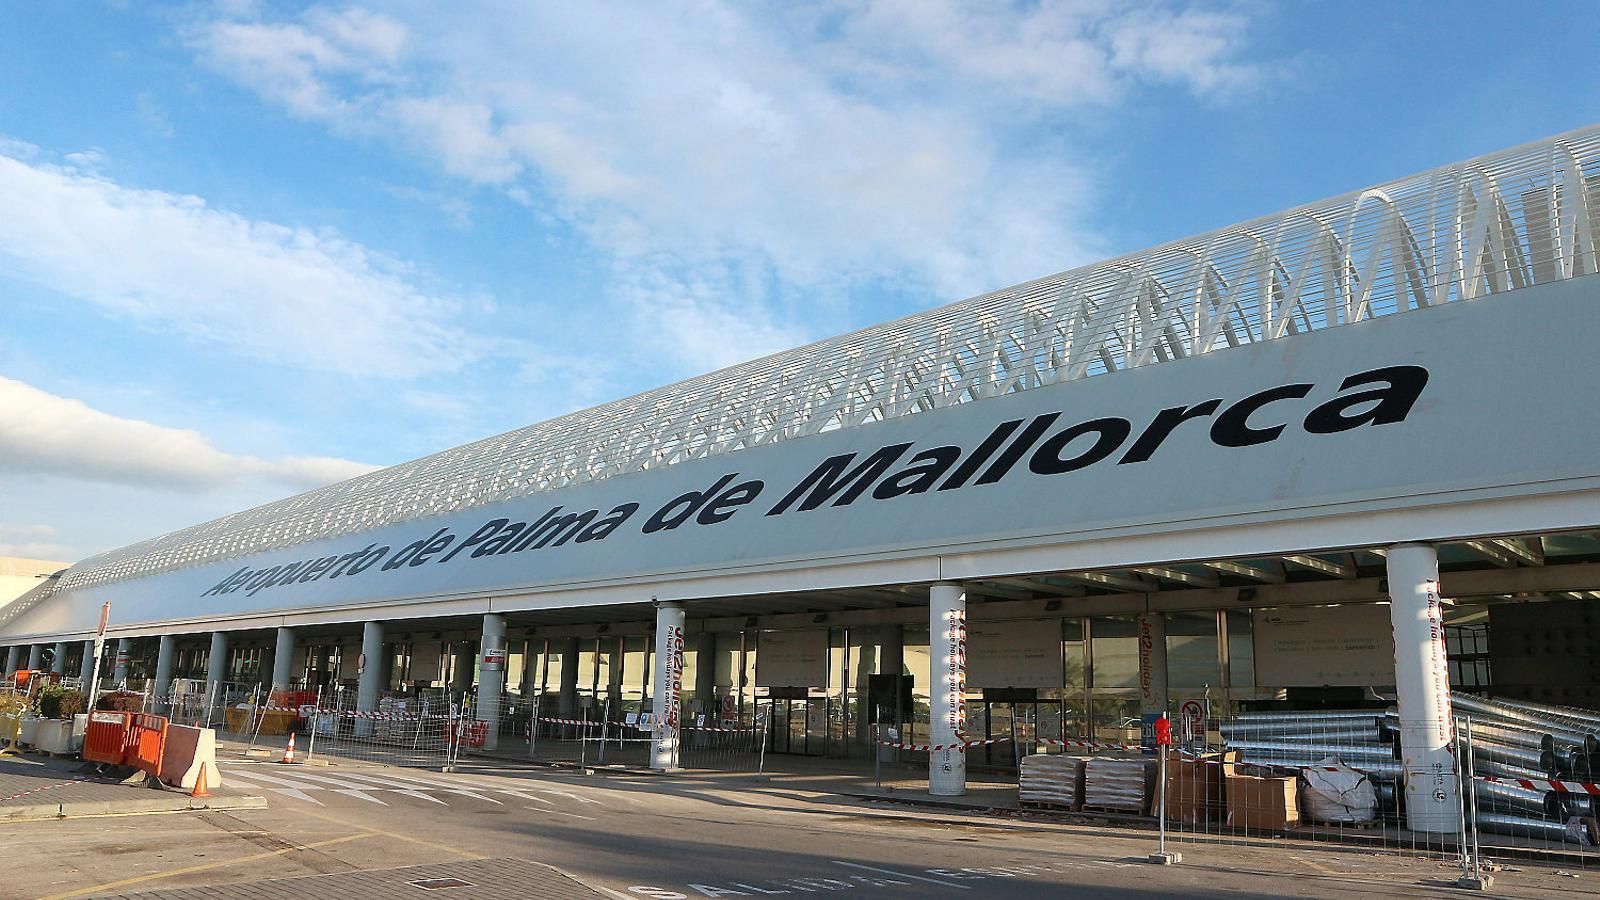 L'aeroport de Palma